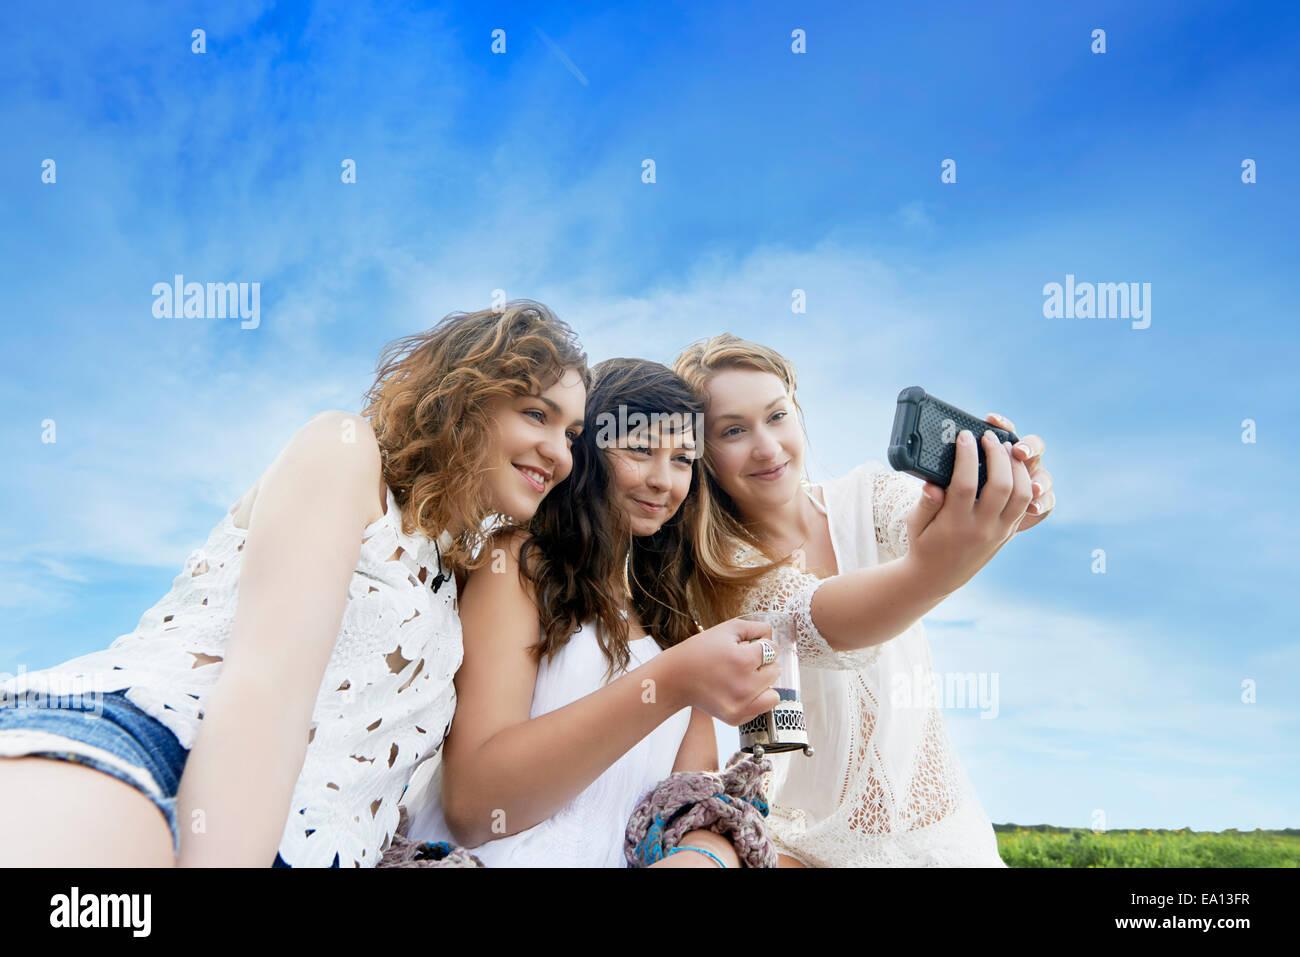 Drei junge Frauen im Feld posiert für Selfie auf smartphone Stockbild